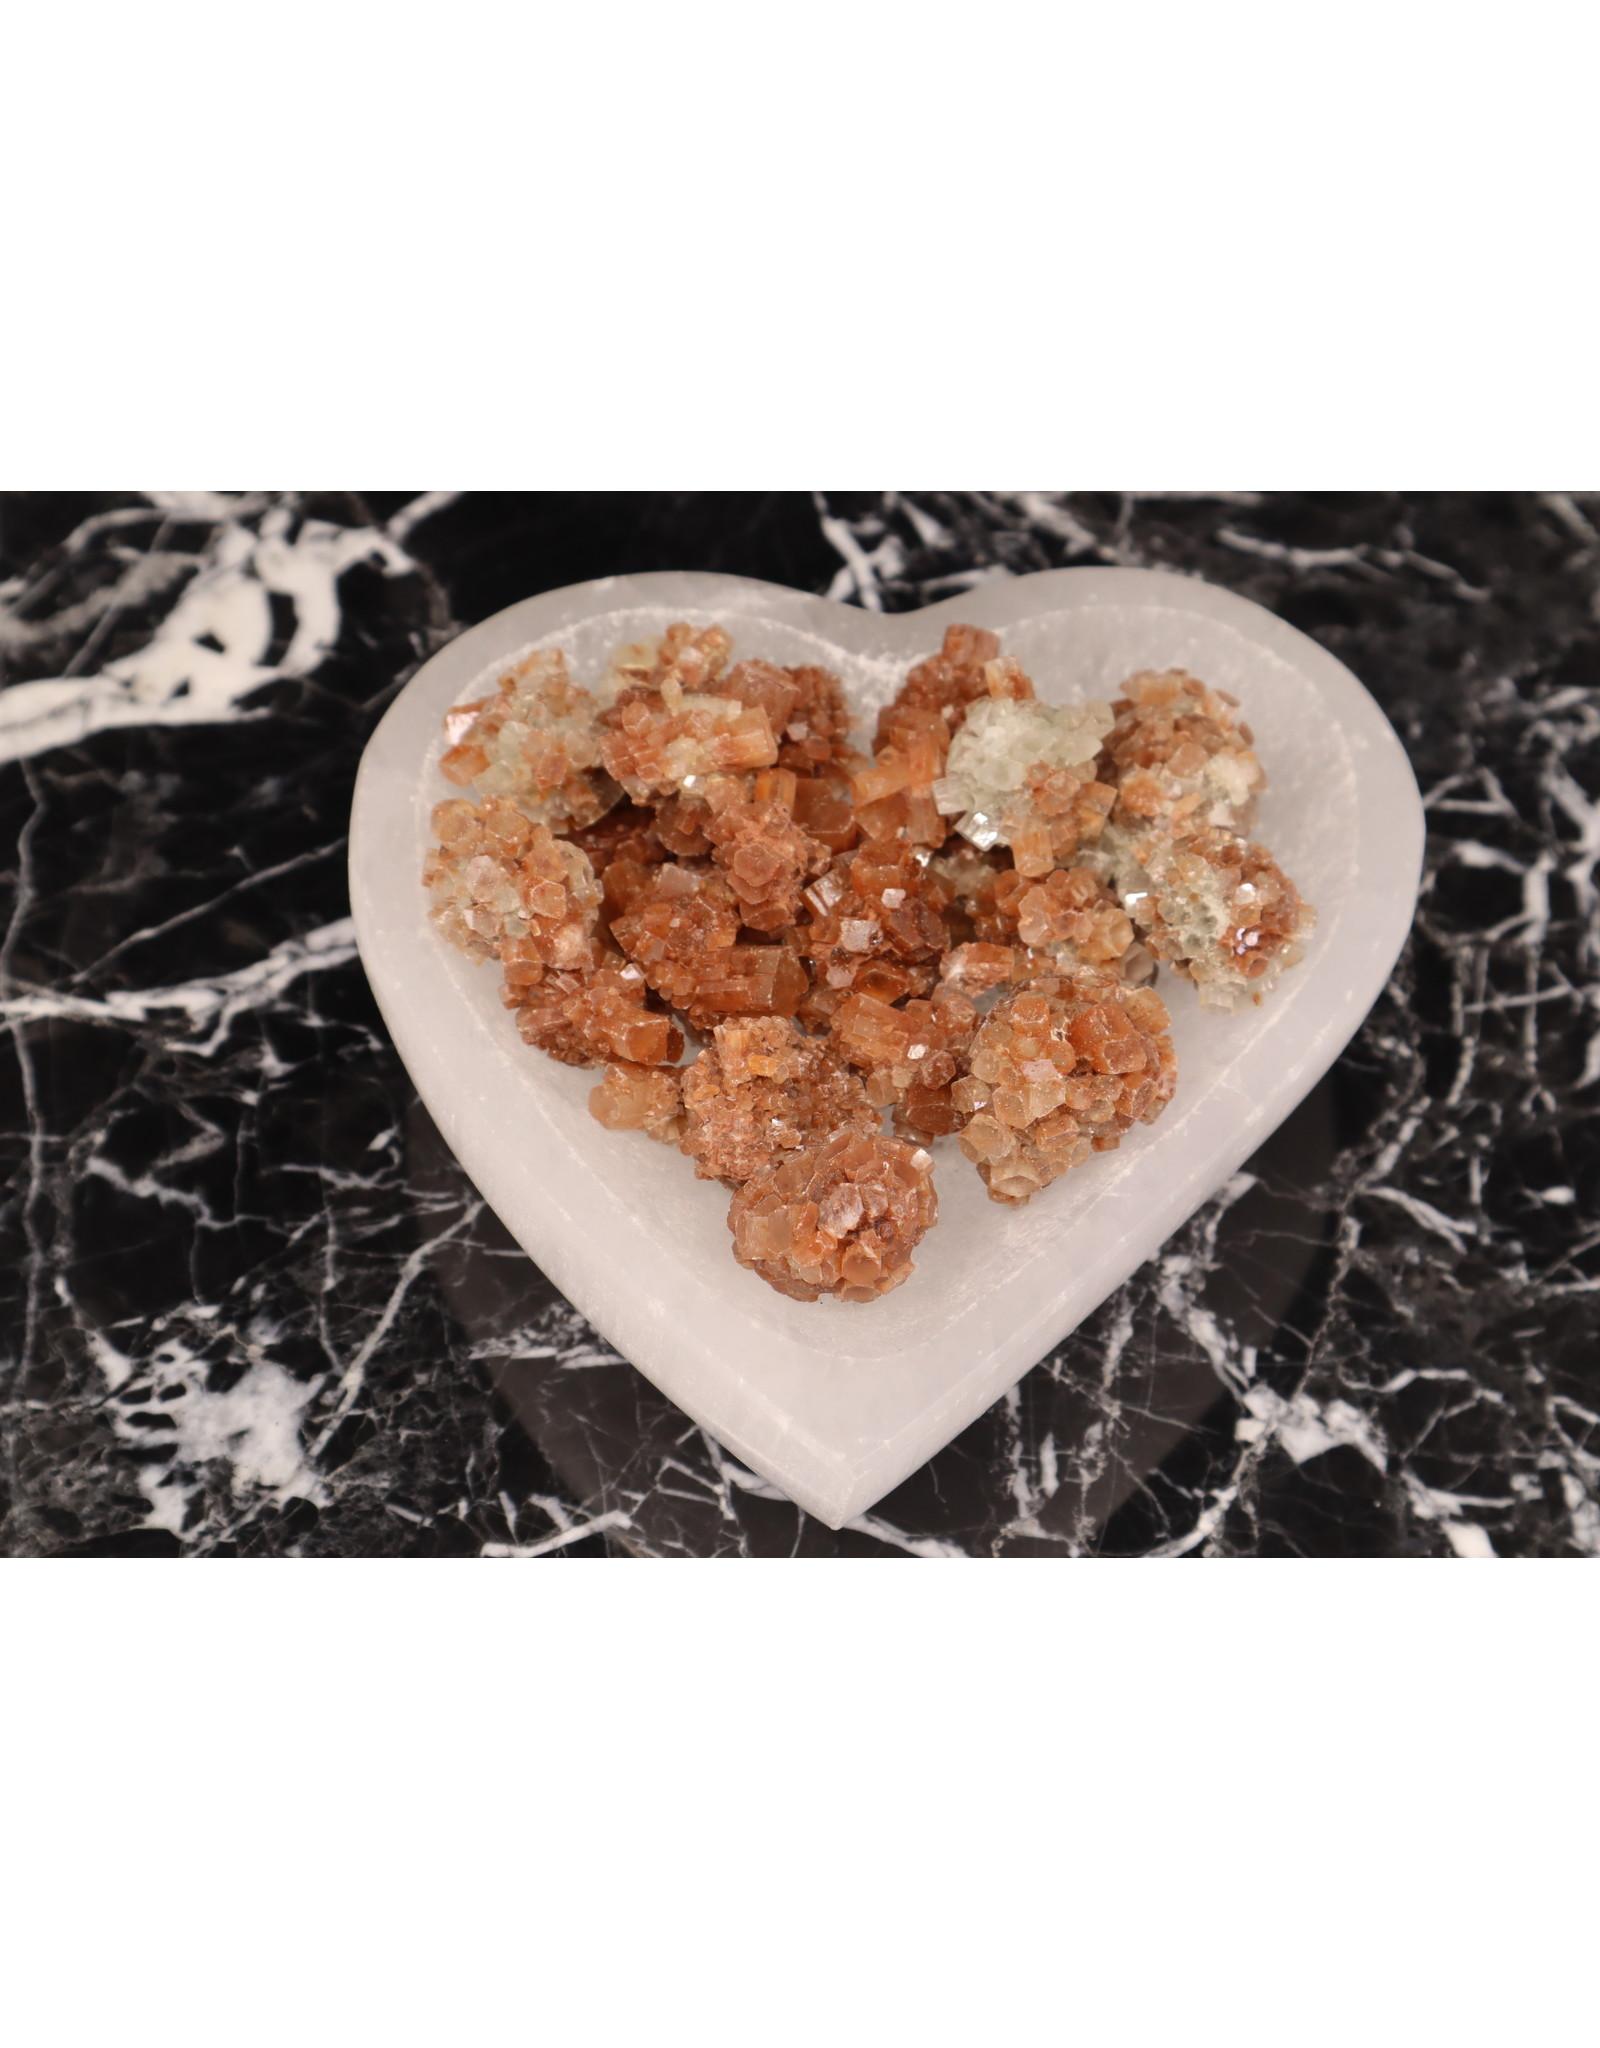 Aragonite Cluster - Rough Raw Natural